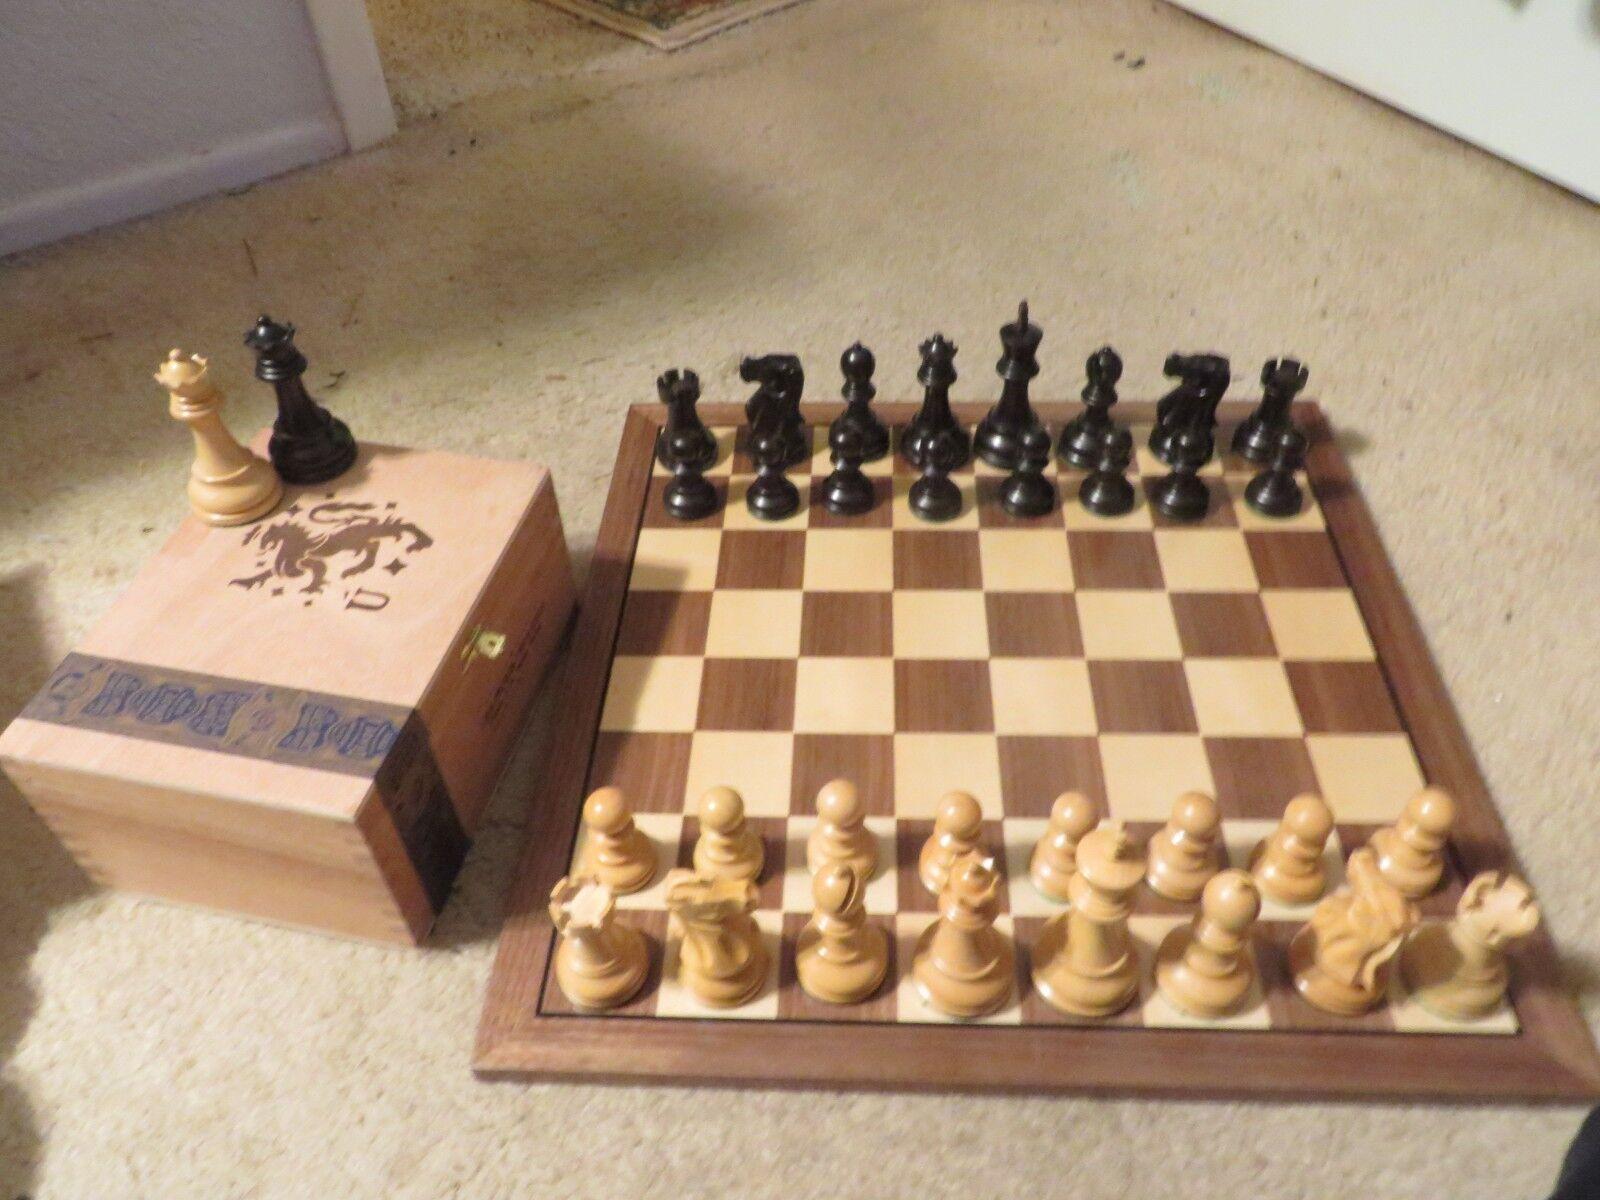 Vintage Allan Troy Chess Set-remarquable Staunton bois Set-quatre reines   -- 59.  livraison rapide et livraison gratuite sur toutes les commandes